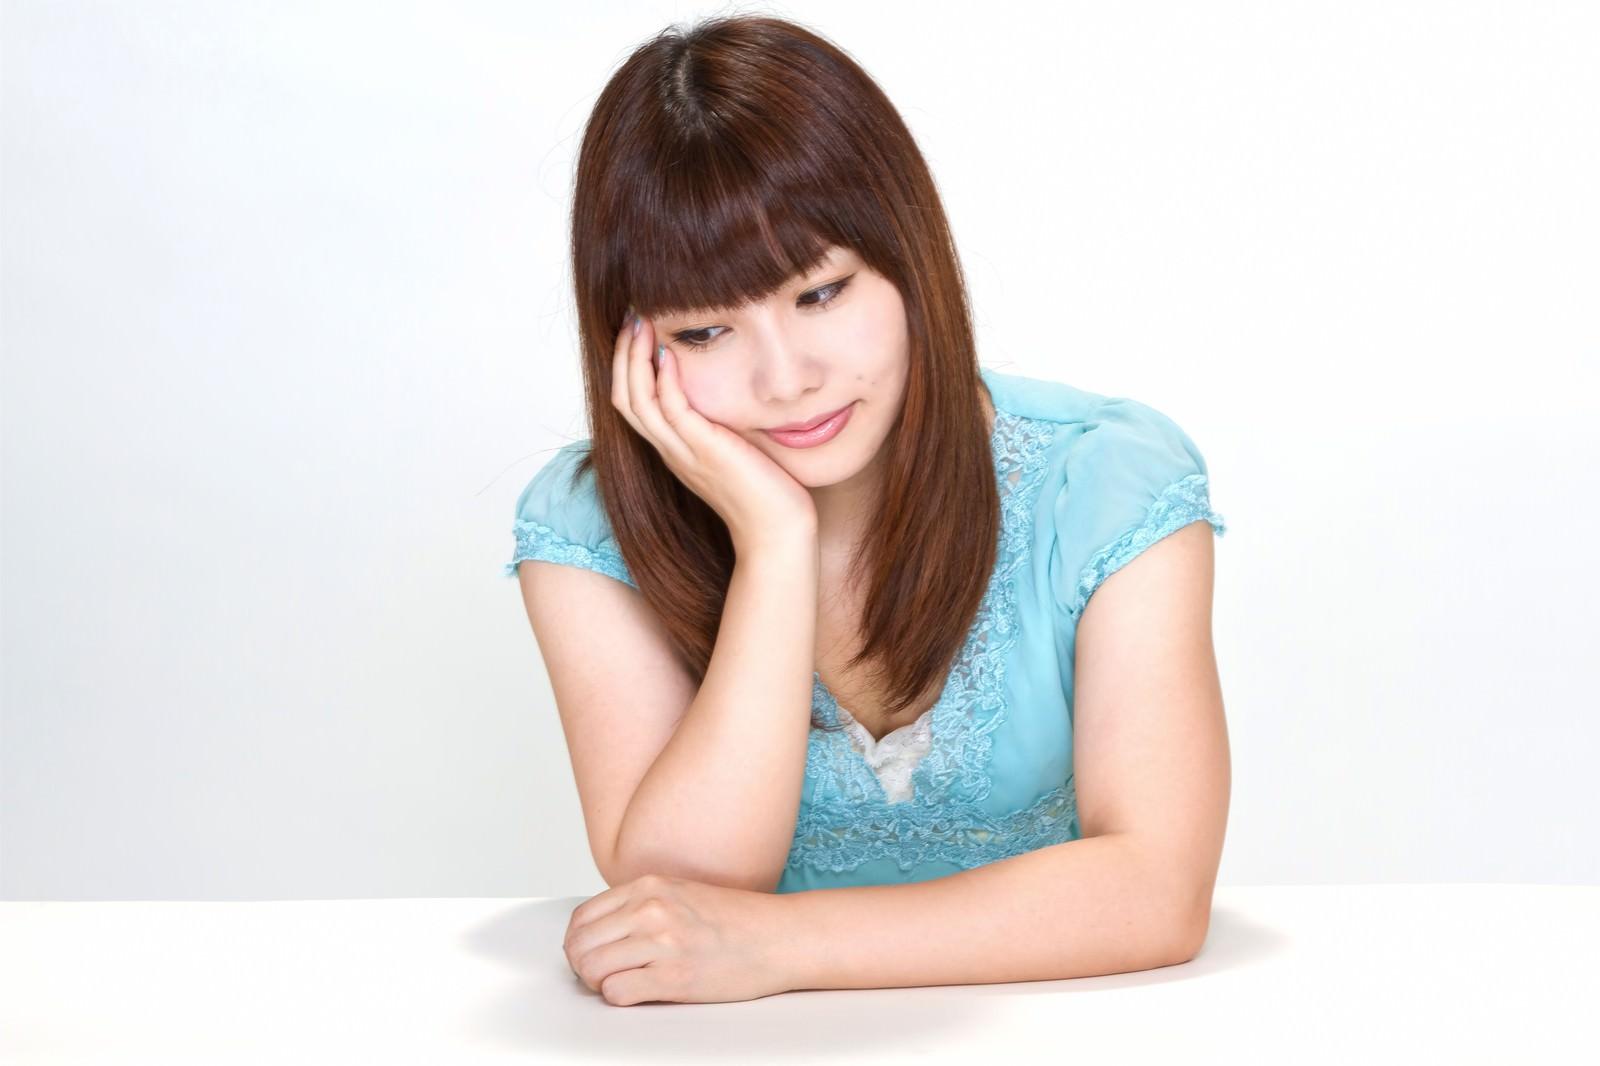 「肘をつき悩む女性肘をつき悩む女性」[モデル:Lala]のフリー写真素材を拡大